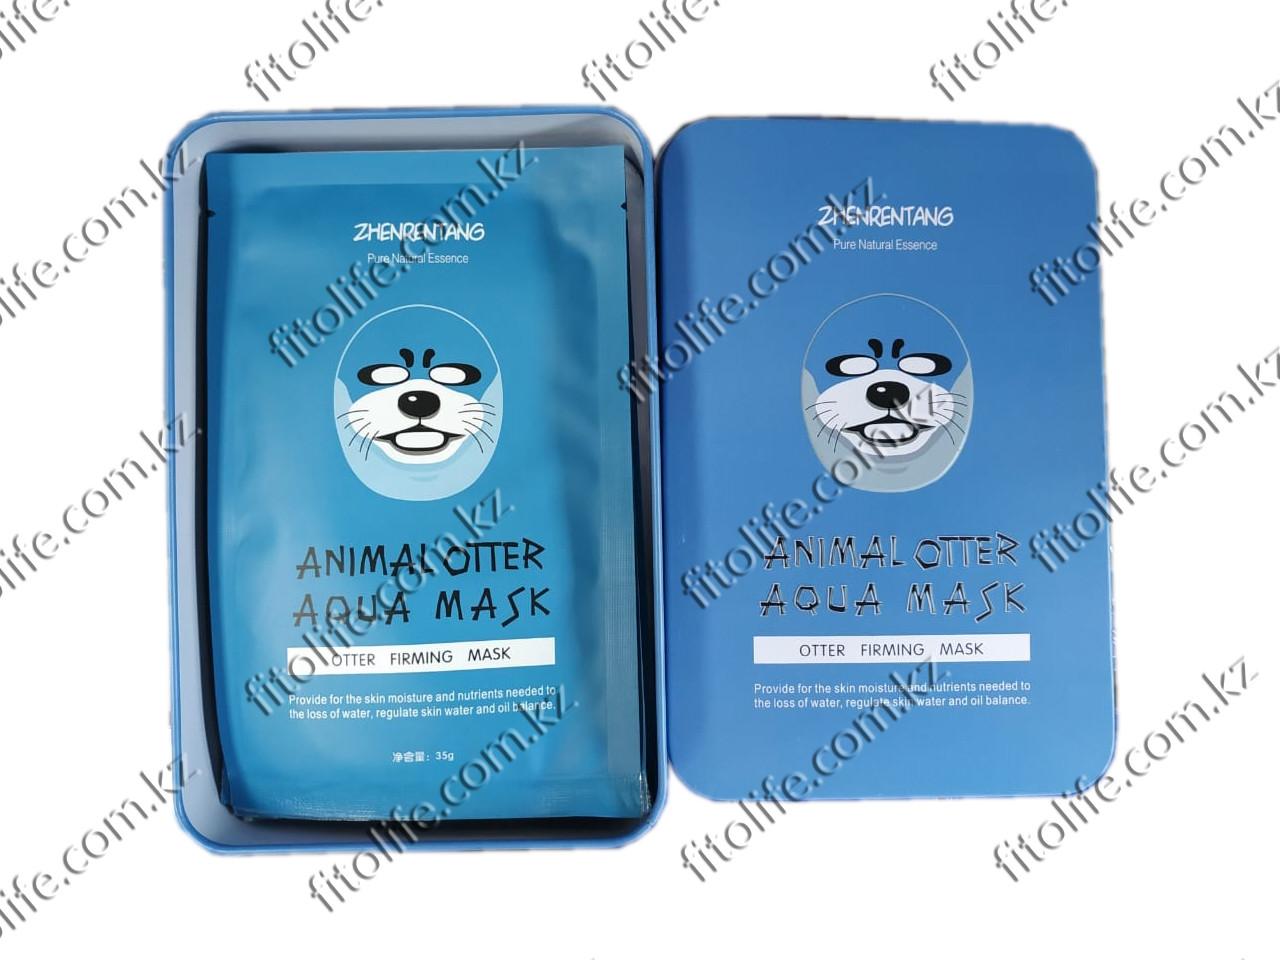 Animal Otter Aqua Mask. Увлажняющая аква маска